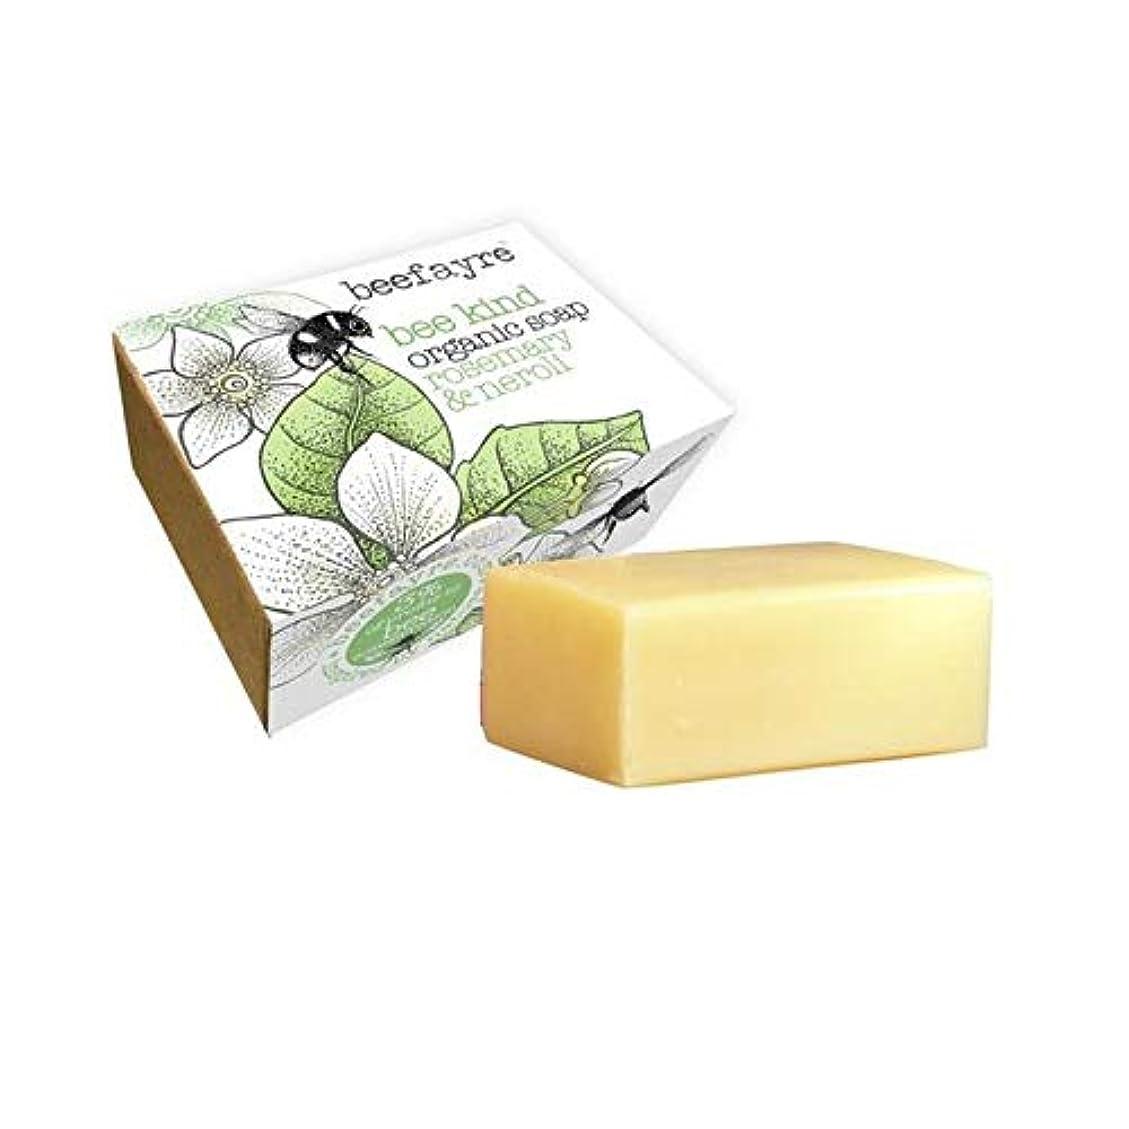 痛い果てしない皮肉[Beefayre] 有機ローズマリー&ネロリソープバー100グラムBeefayre - Beefayre Organic Rosemary & Neroli Soap Bar 100g [並行輸入品]